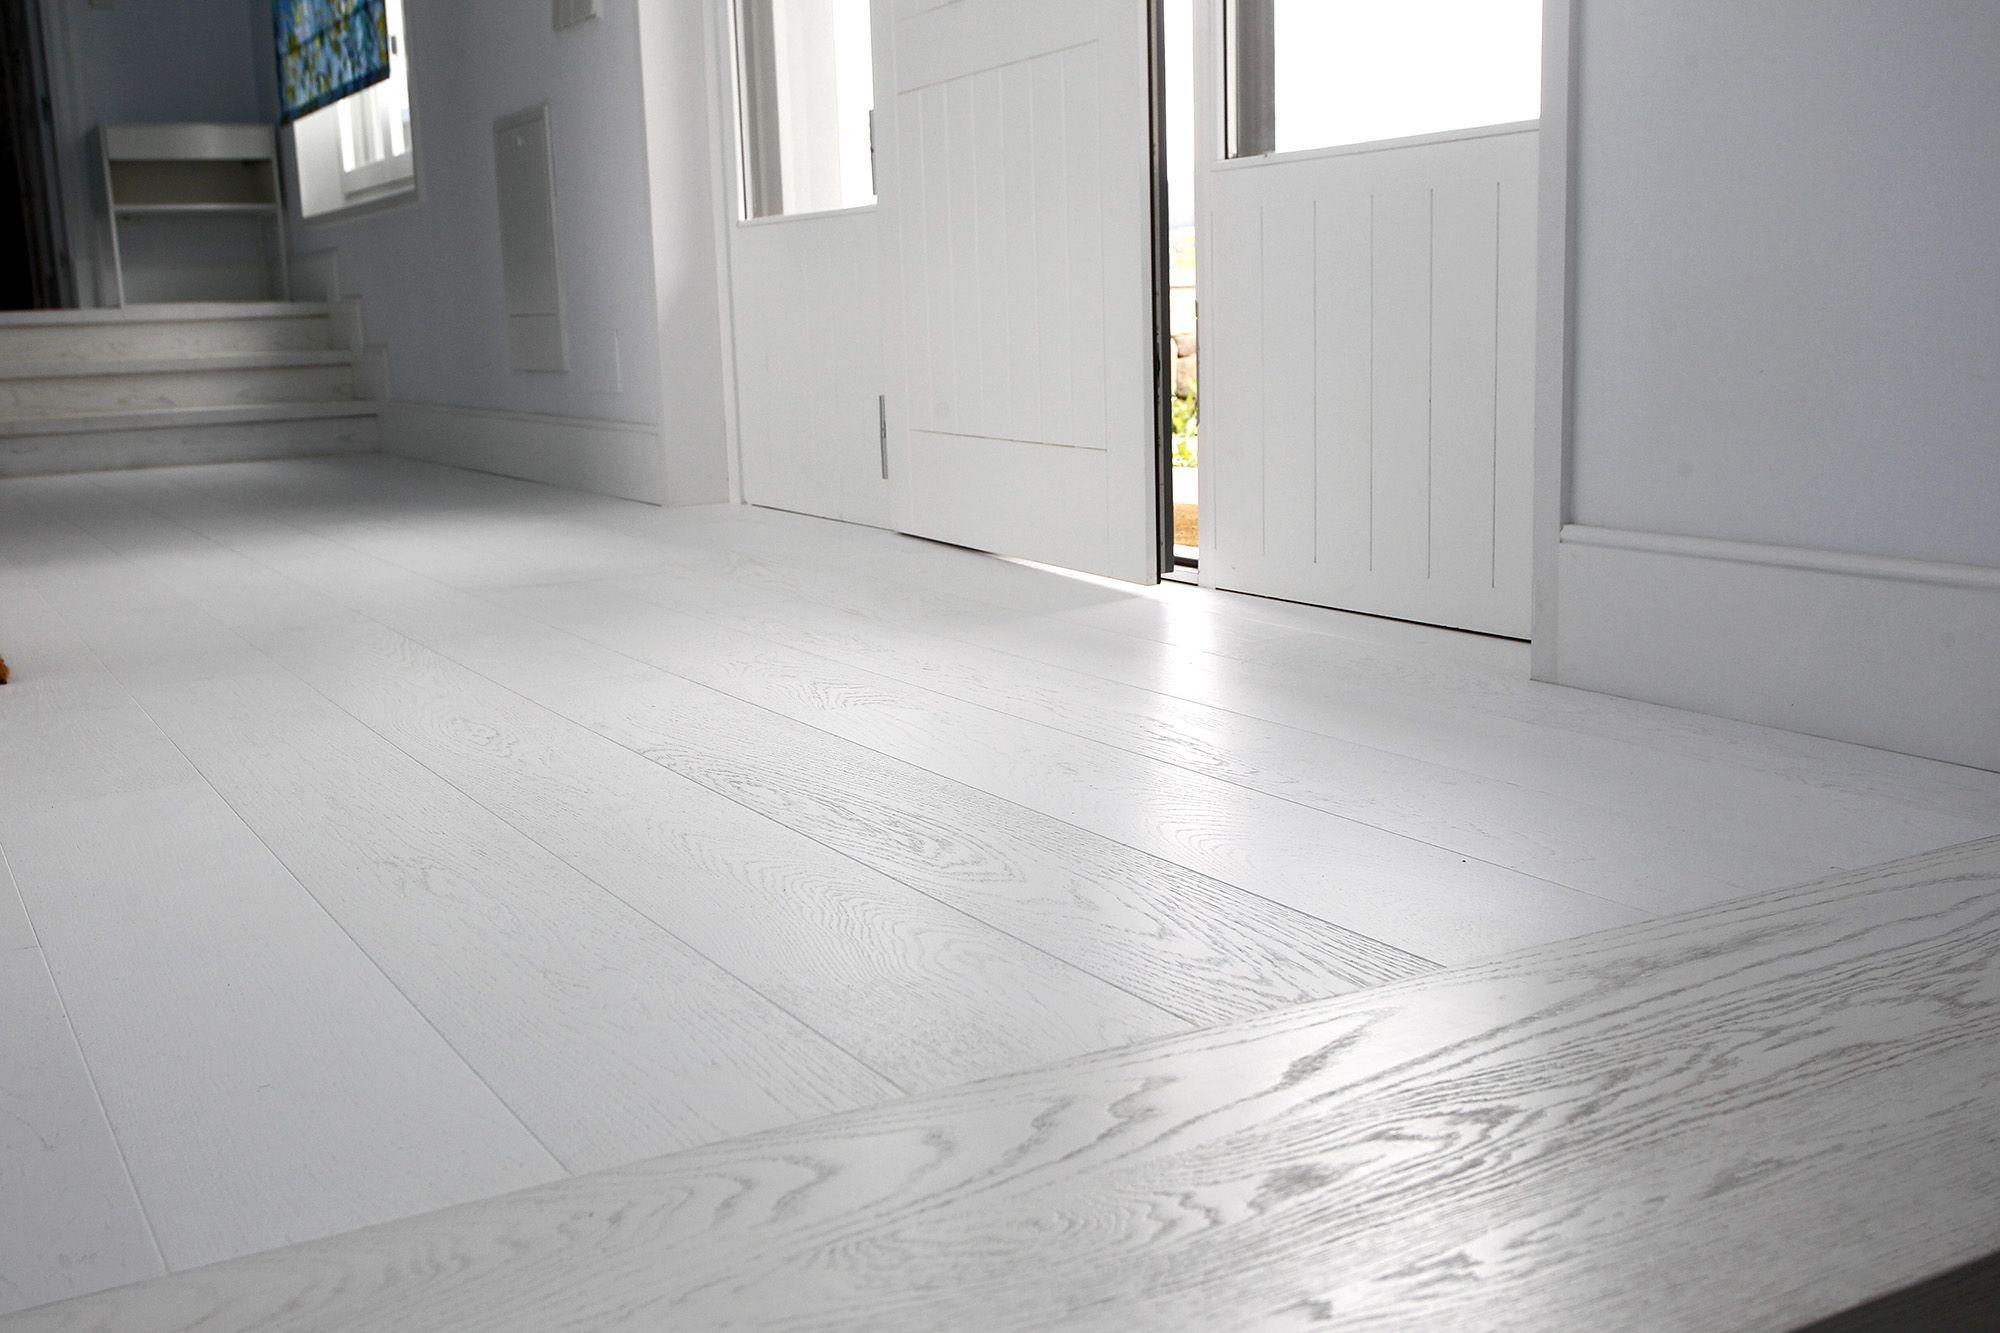 suelo parquet roble lacado blanco mate